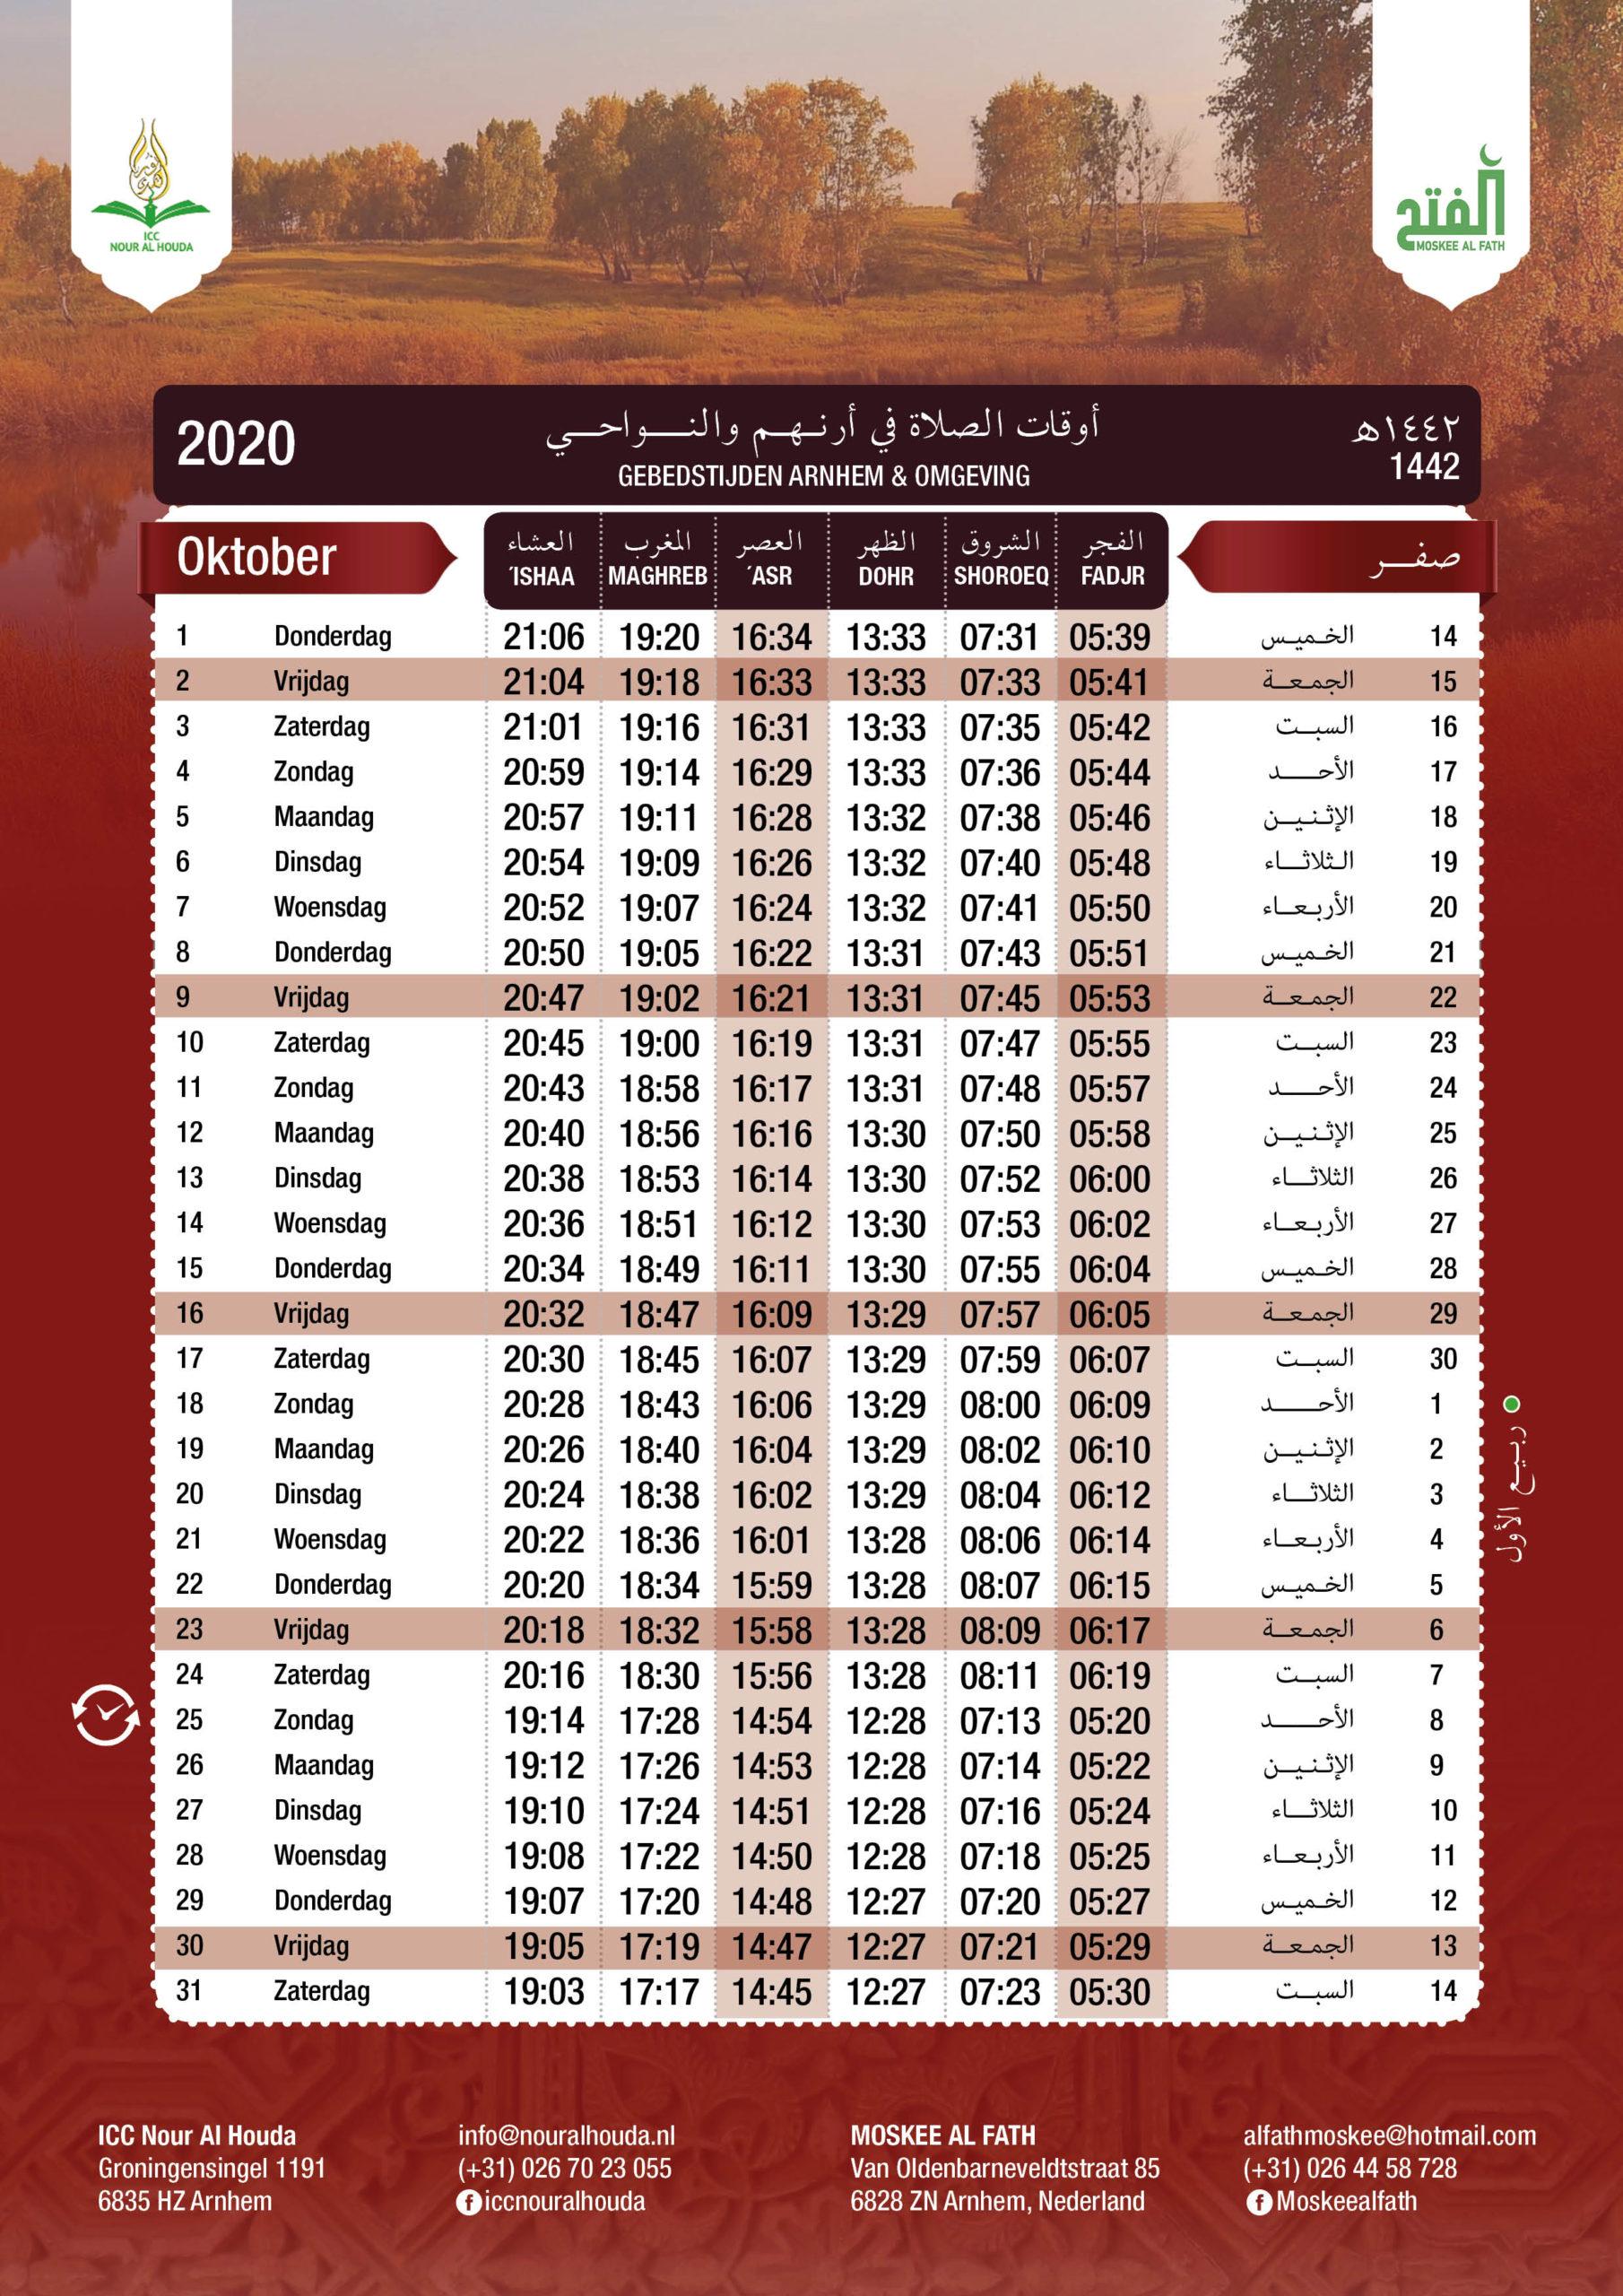 Gebedstijden oktober 2020 Arnhem Moskee Al Fath